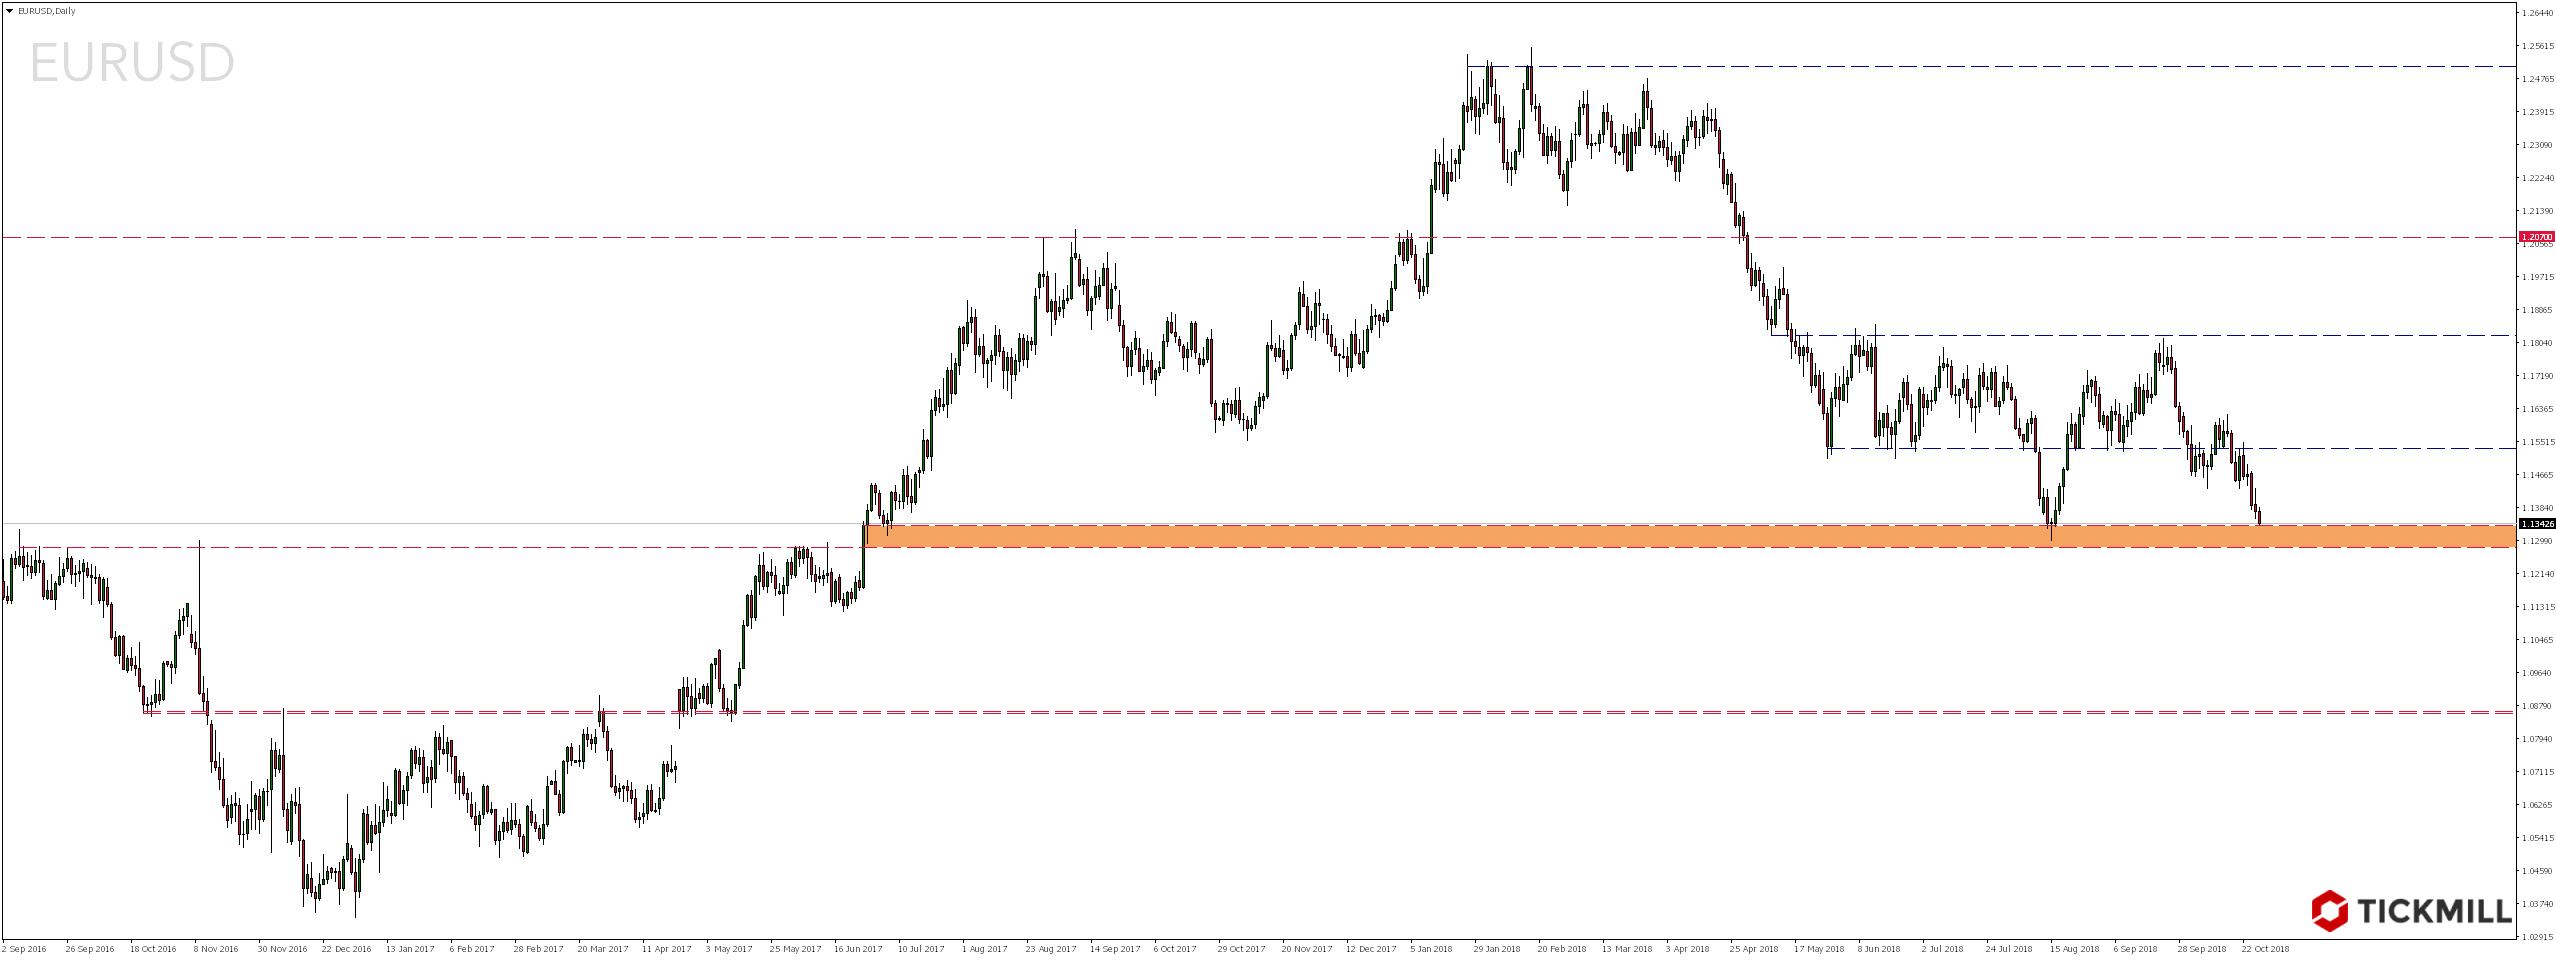 Najciekawsze setupy dnia – 25.10.2018 - notowania pary walutowej EURUSD